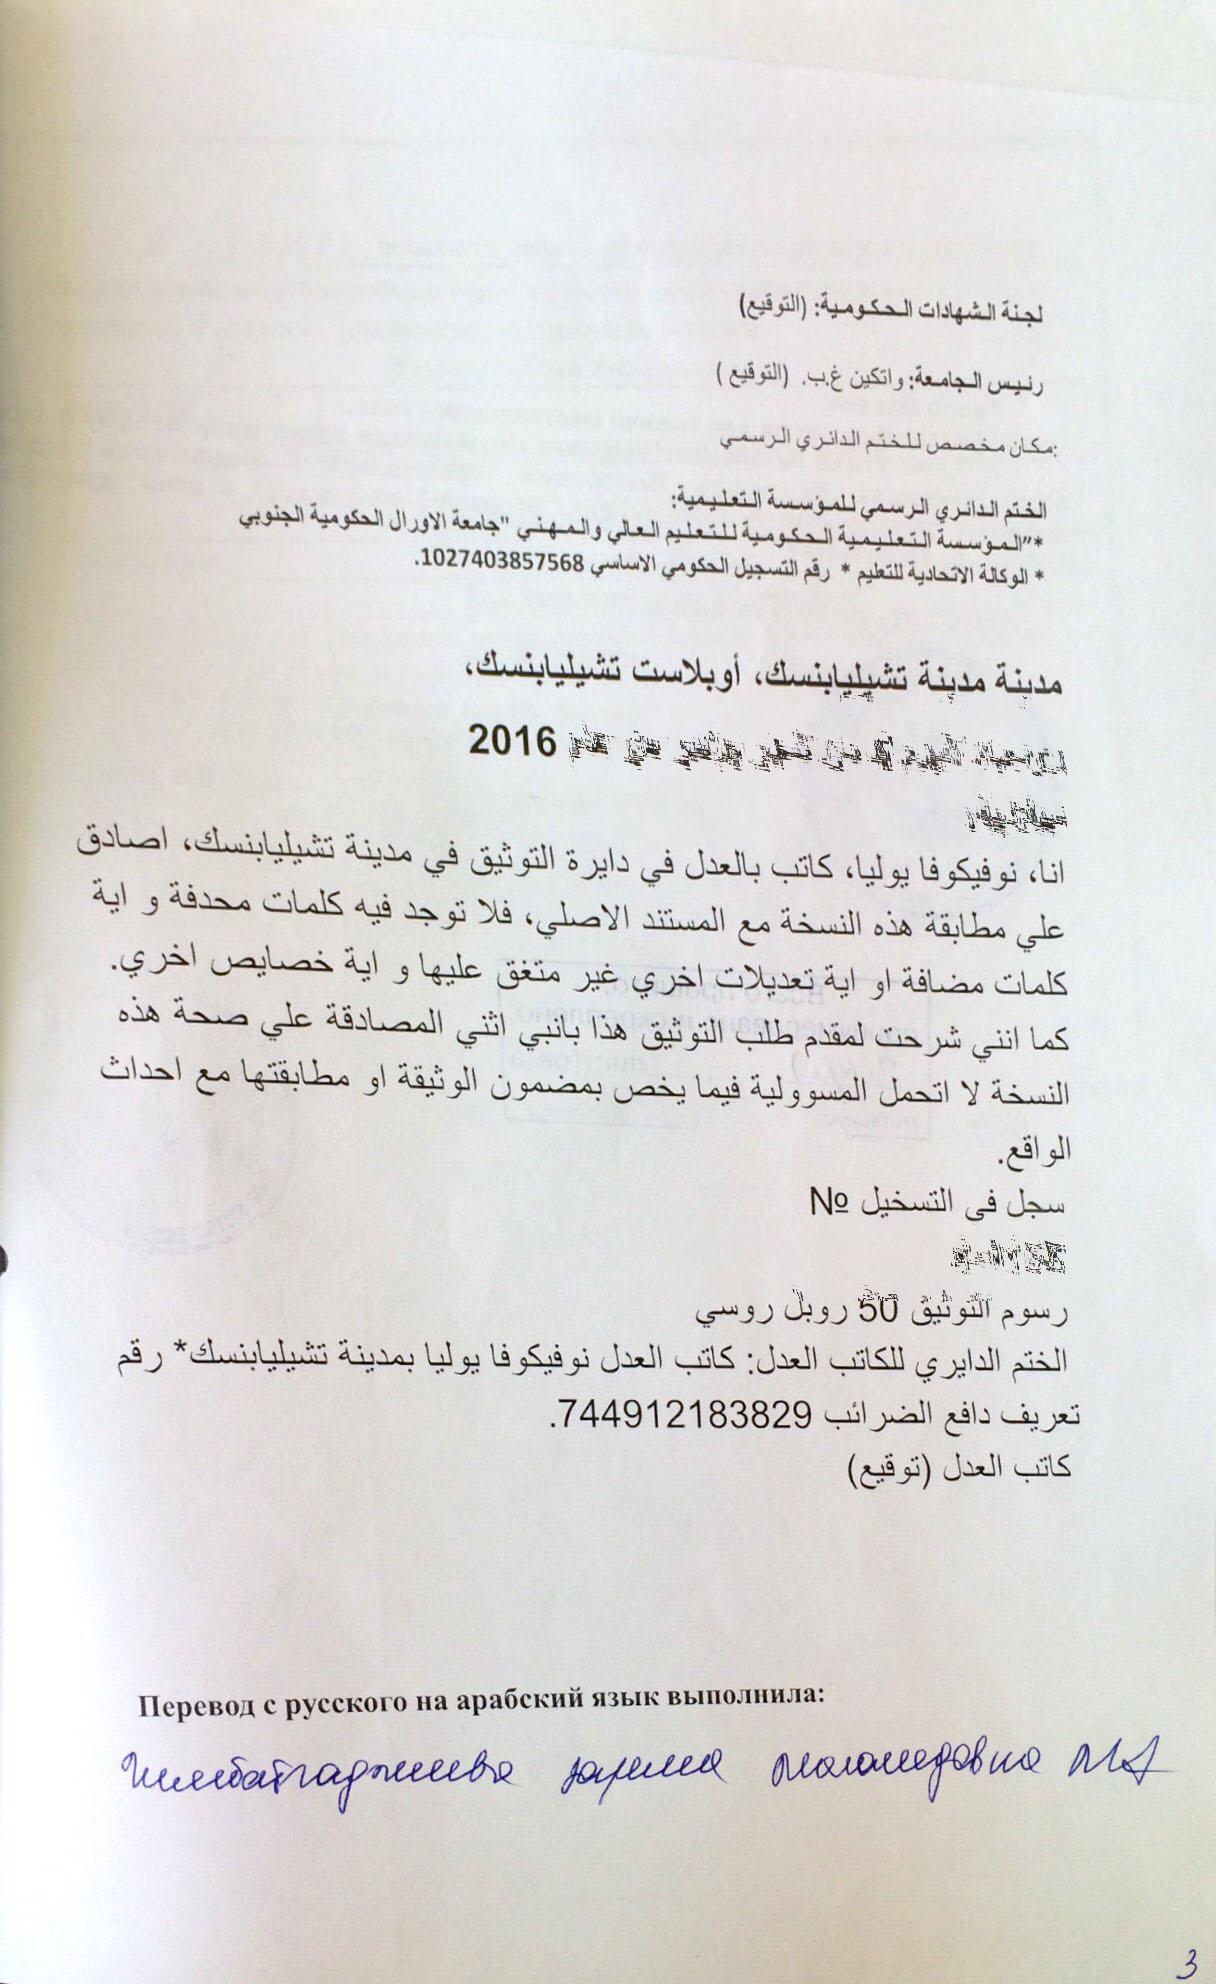 Диплом для Катара Блог Документ  Диплом для Катара на арабском пример переведенного